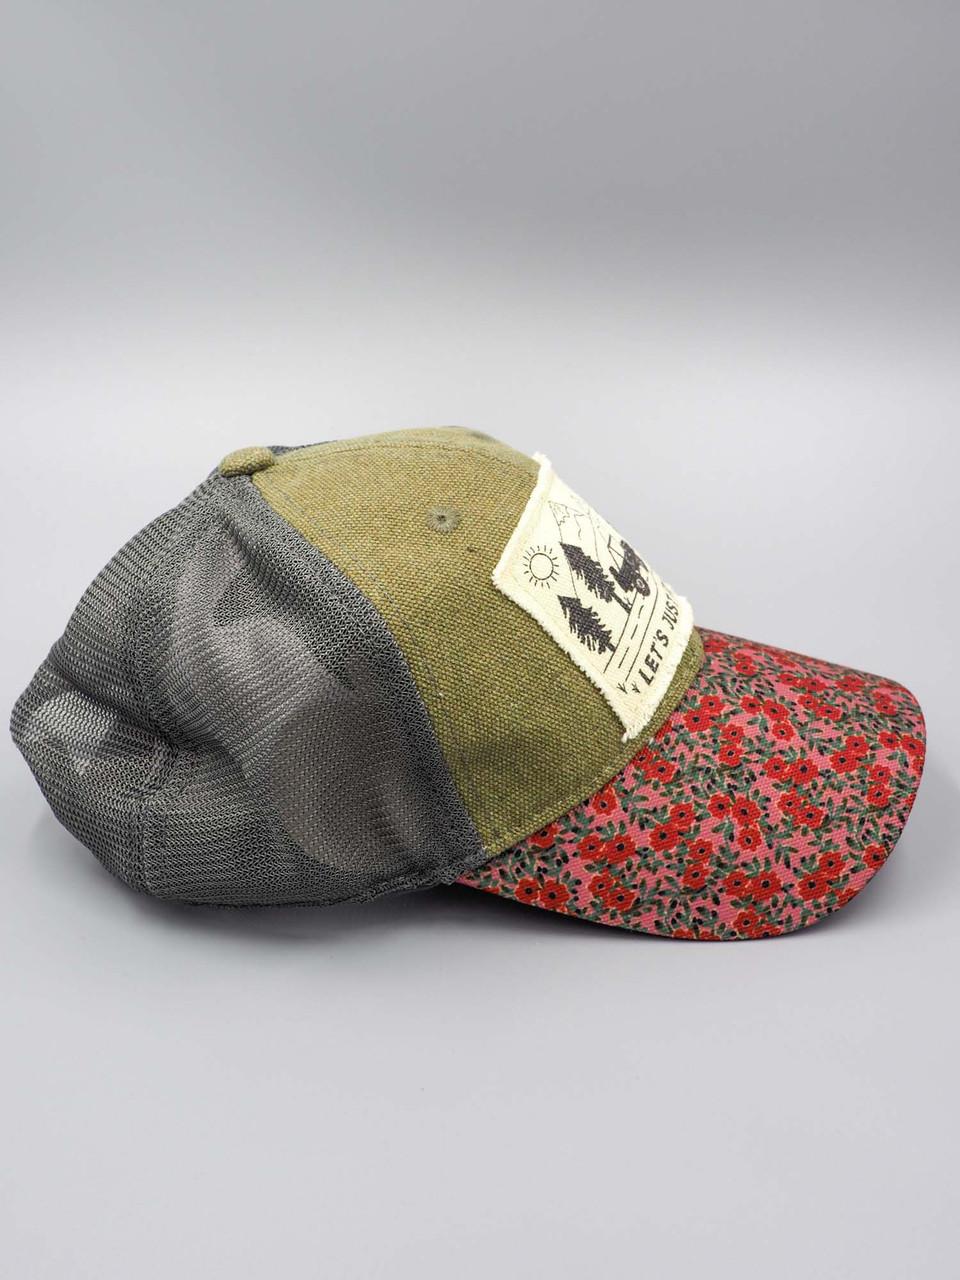 lets just go trucker cap natural life hangout hat